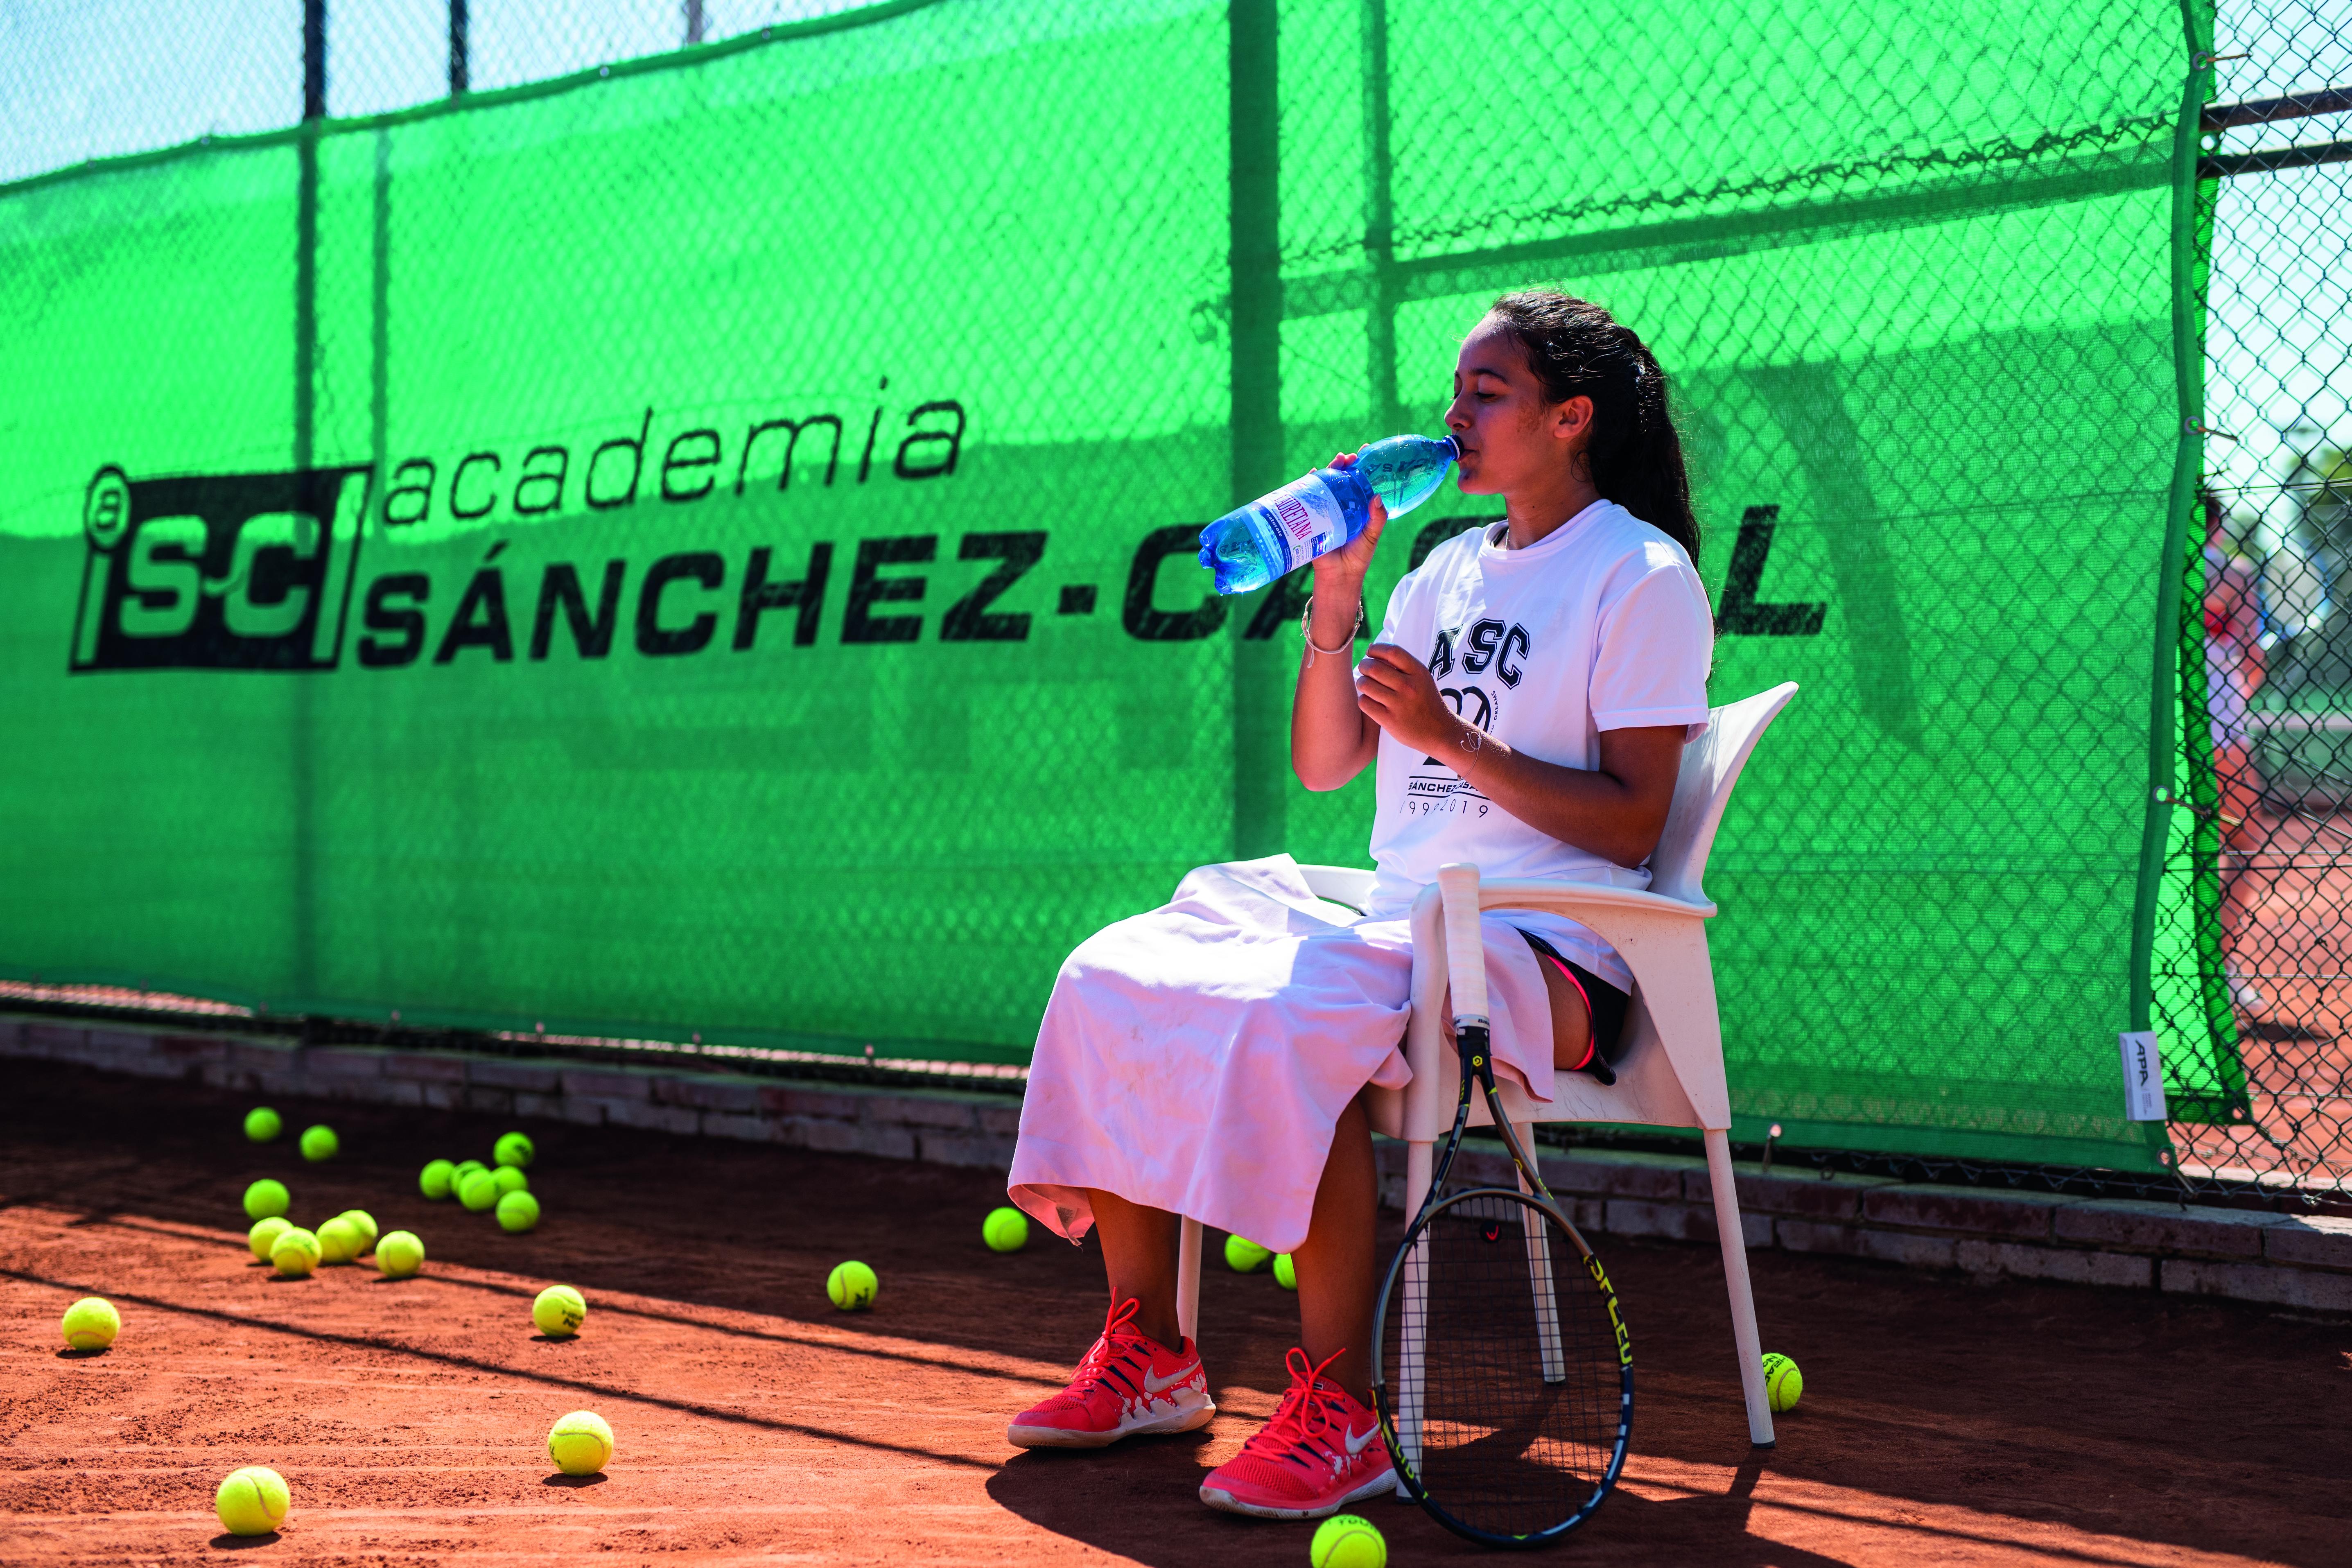 Image for Lauretana apoyará diversas acciones y proyectos de la Fundación Emilio Sánchez Vicario.